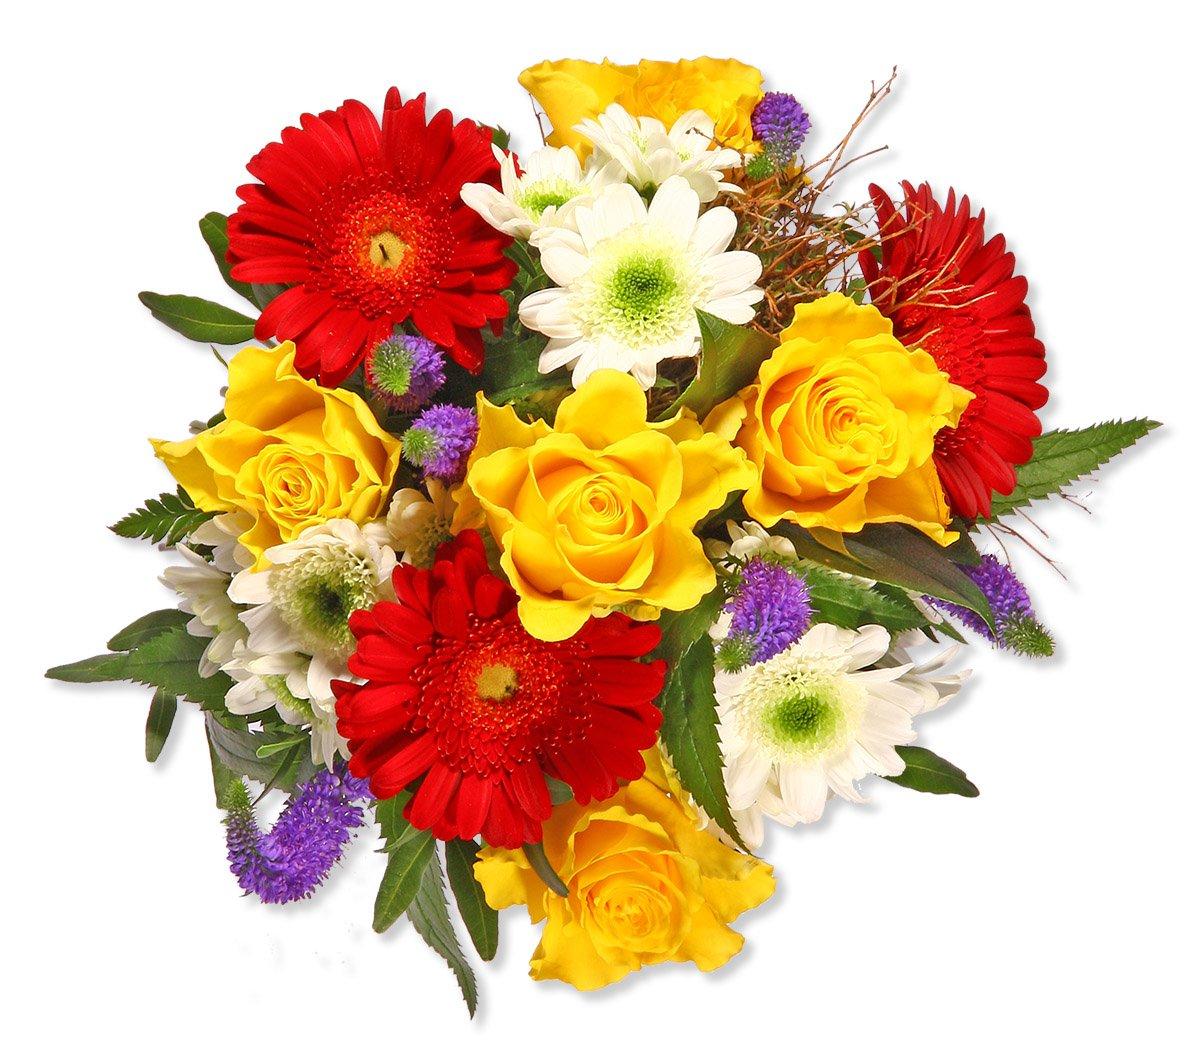 71gkvxcwtql Sl1200 Jpg 1200 1049 Beautiful Flowers